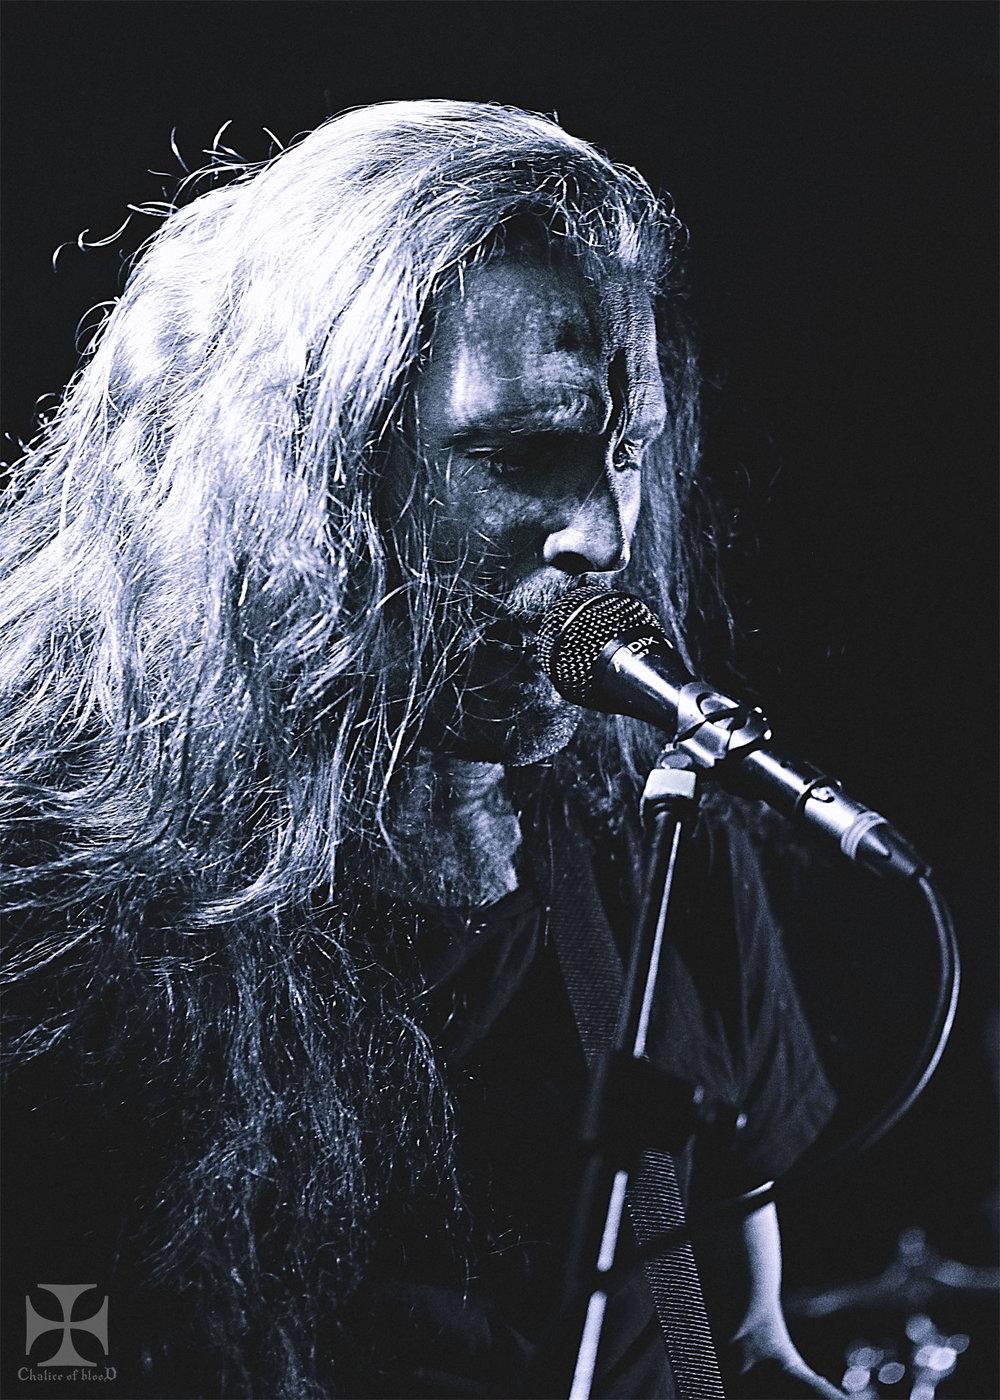 2017.04-Alcest---55-Exposure-watermarked.jpg